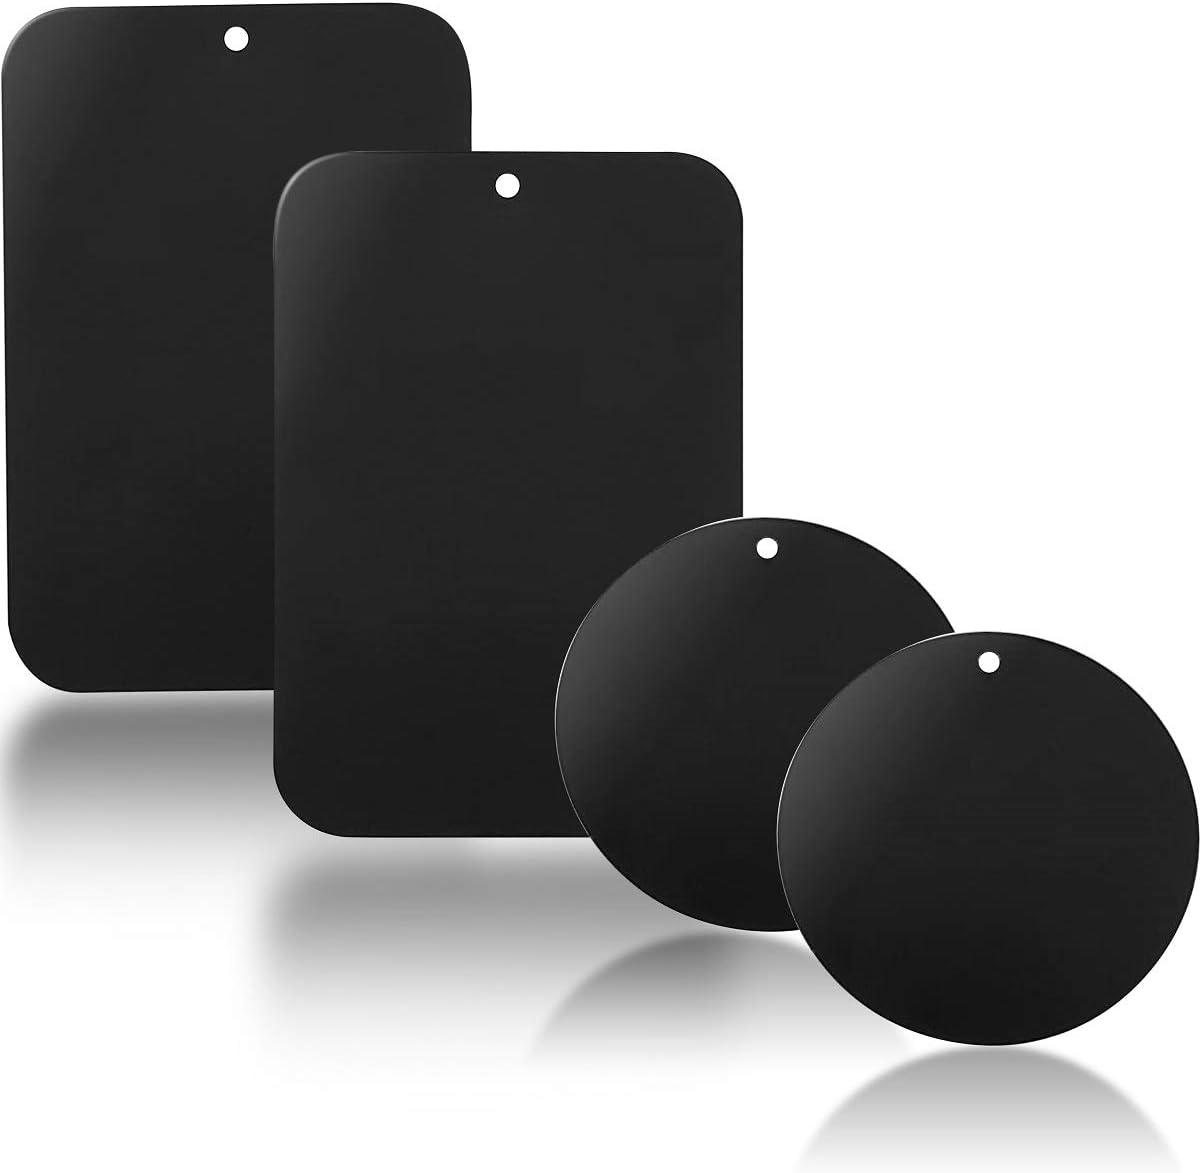 YGKJ 4 Piezas láminas Metálicas con Adhesivos Muy Finas Reemplazo de Placas de Metal para Soporte Movil Coche Magnético/Soporte iman movil Coche (2 Redondas y 2 rectangulares)